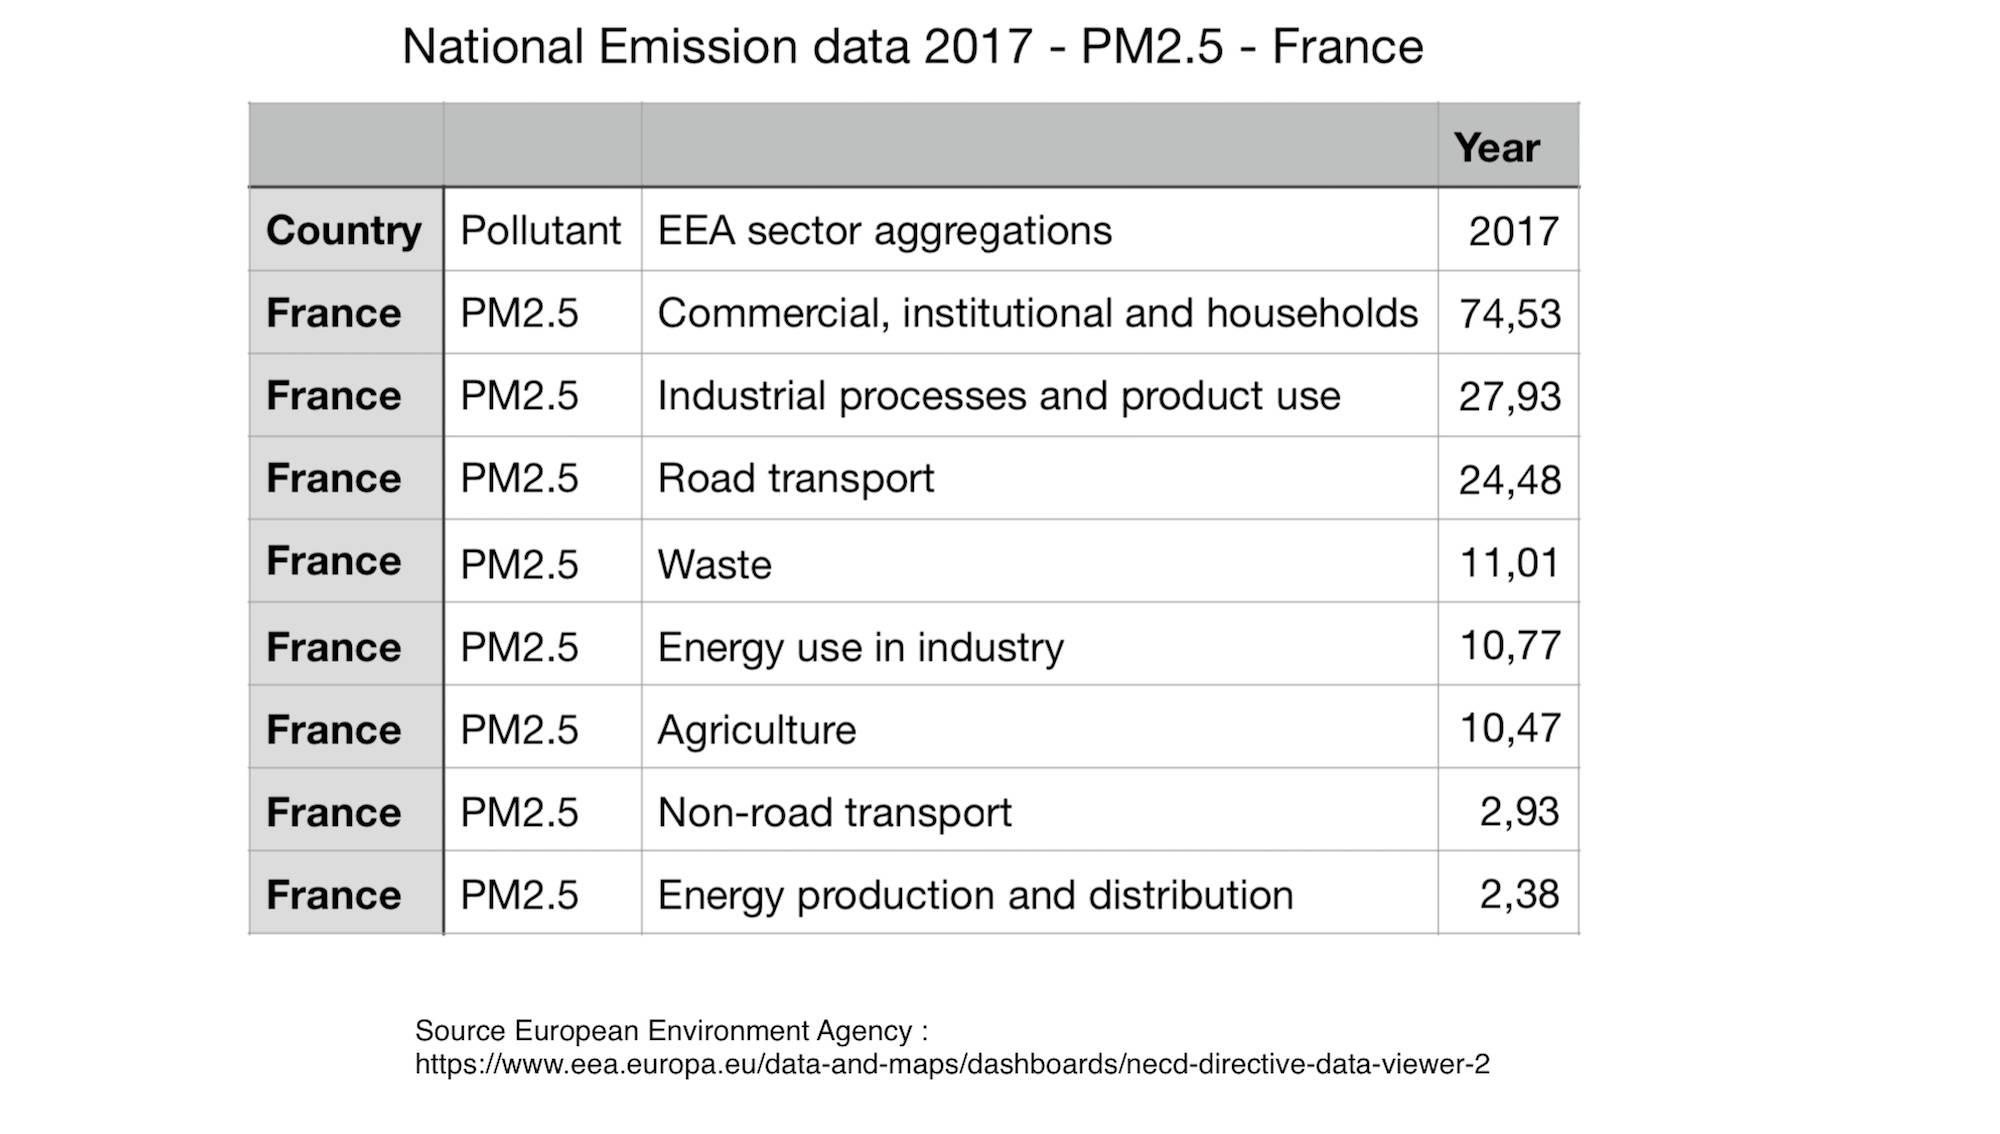 National emission data 2017 PM2.5 France